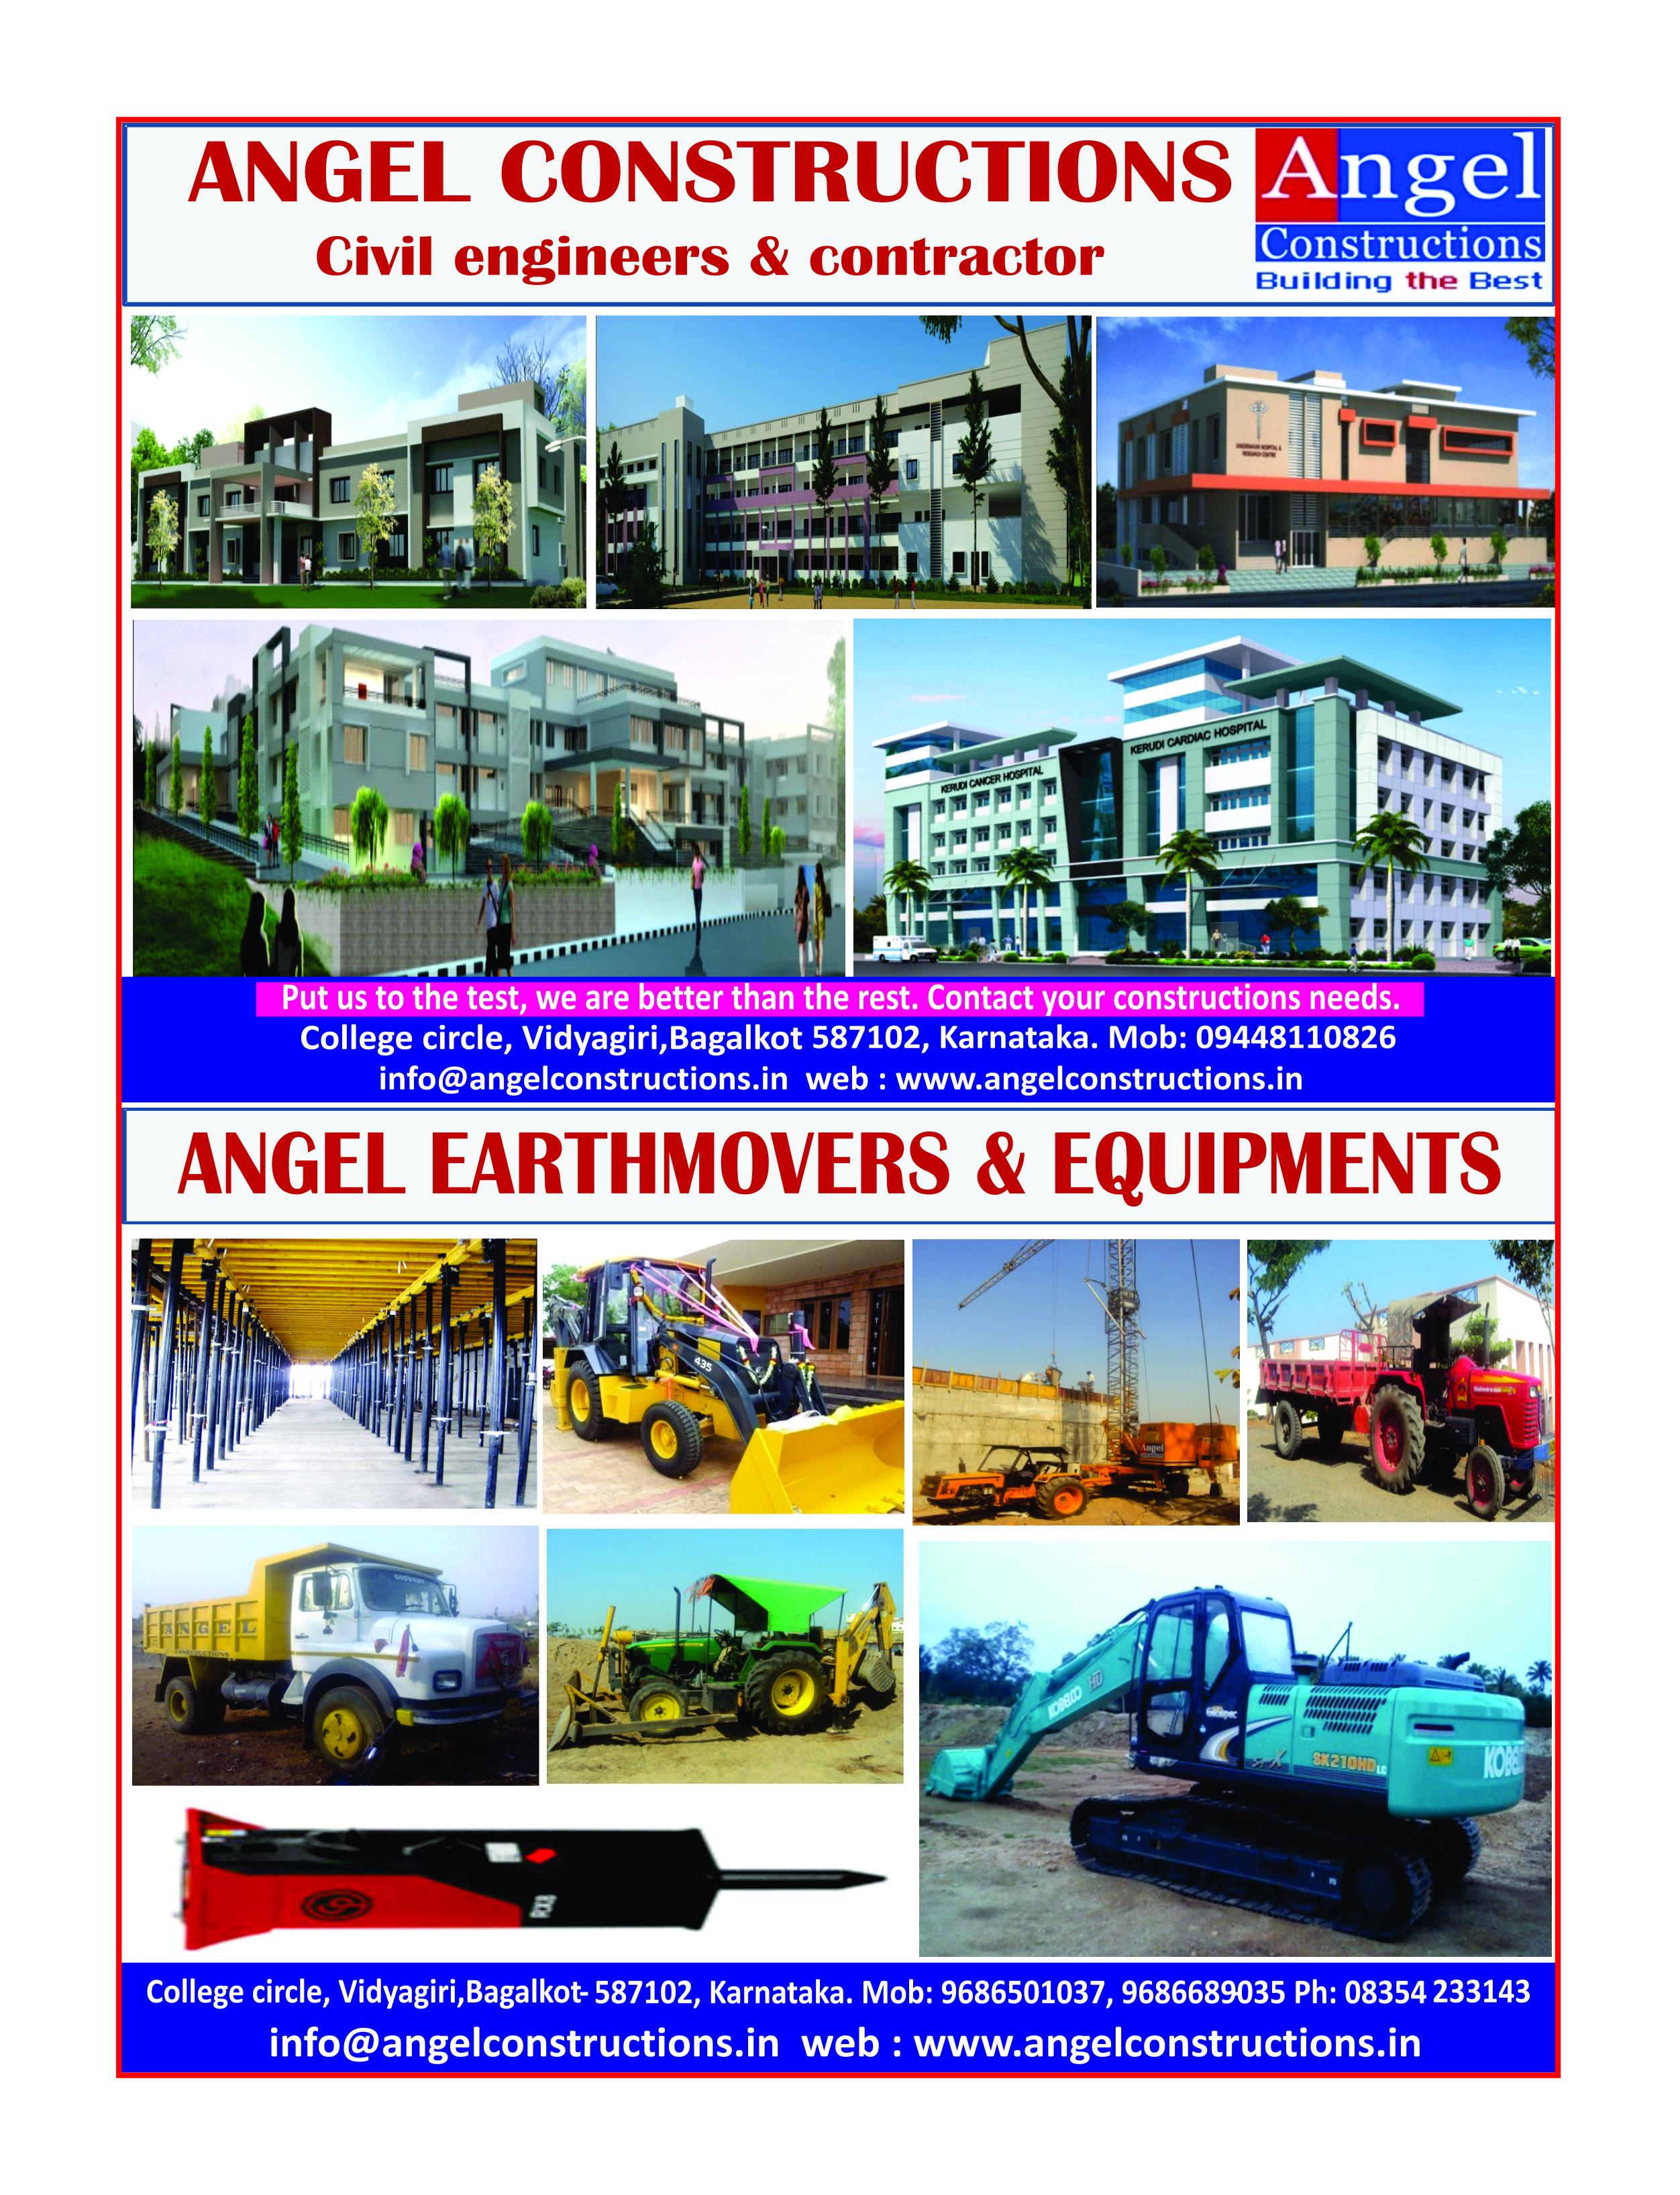 Angel Earthmovers & Equipments